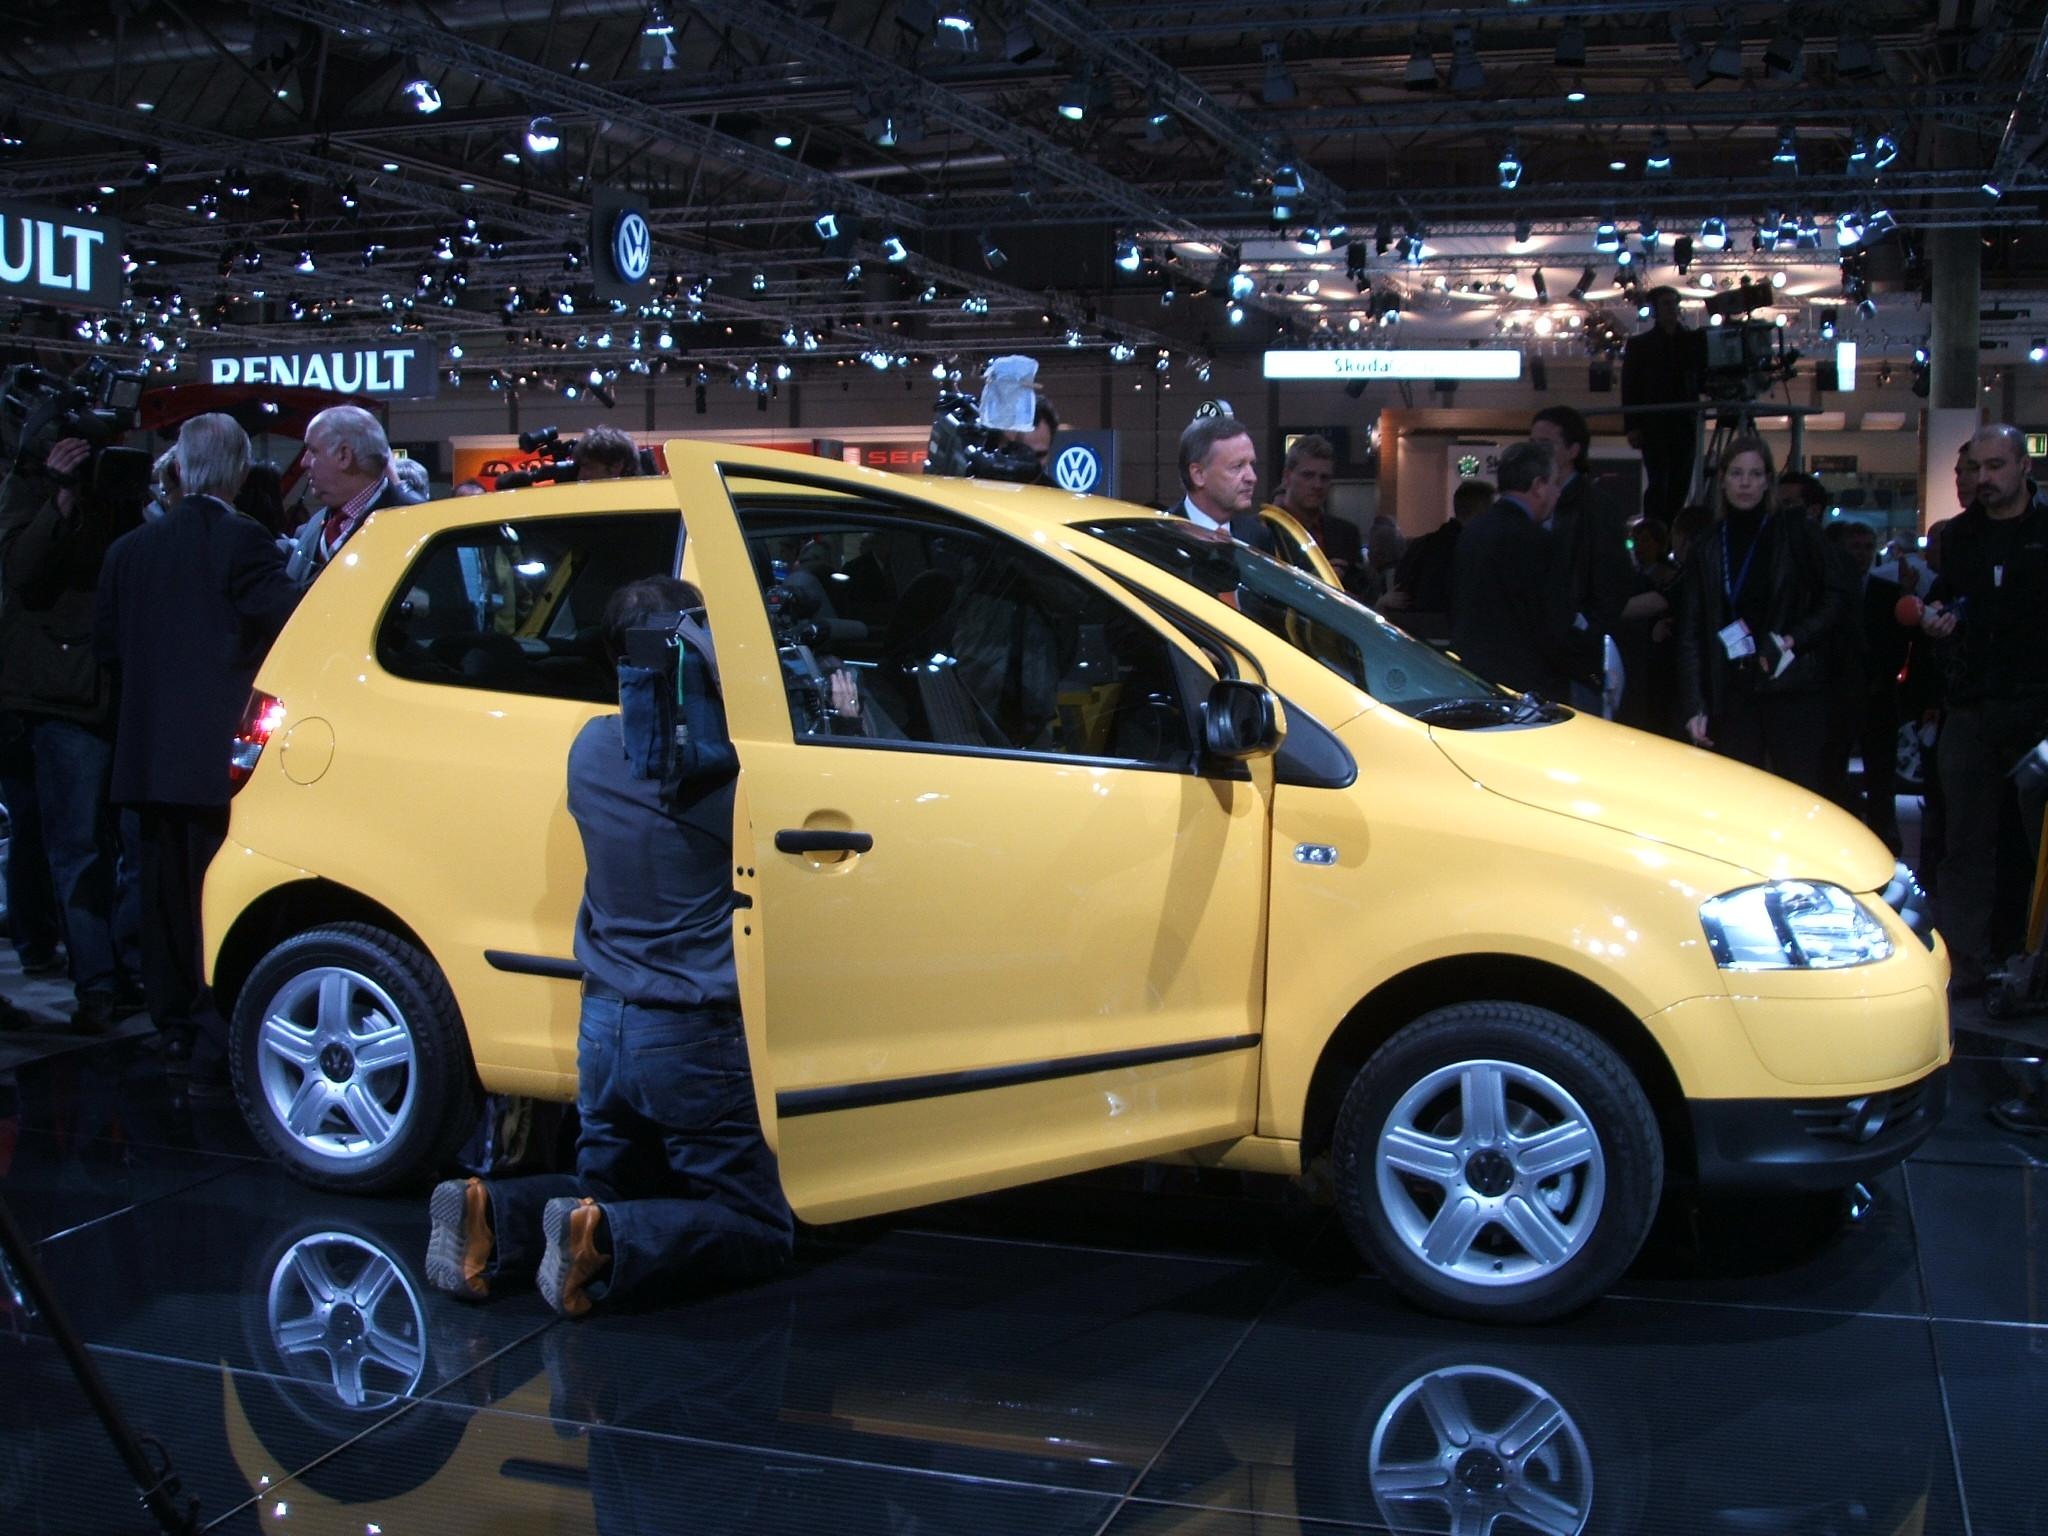 Lancamento do Fox Europa. O carro foi elogiado pela imprensa alemã eb90620e84